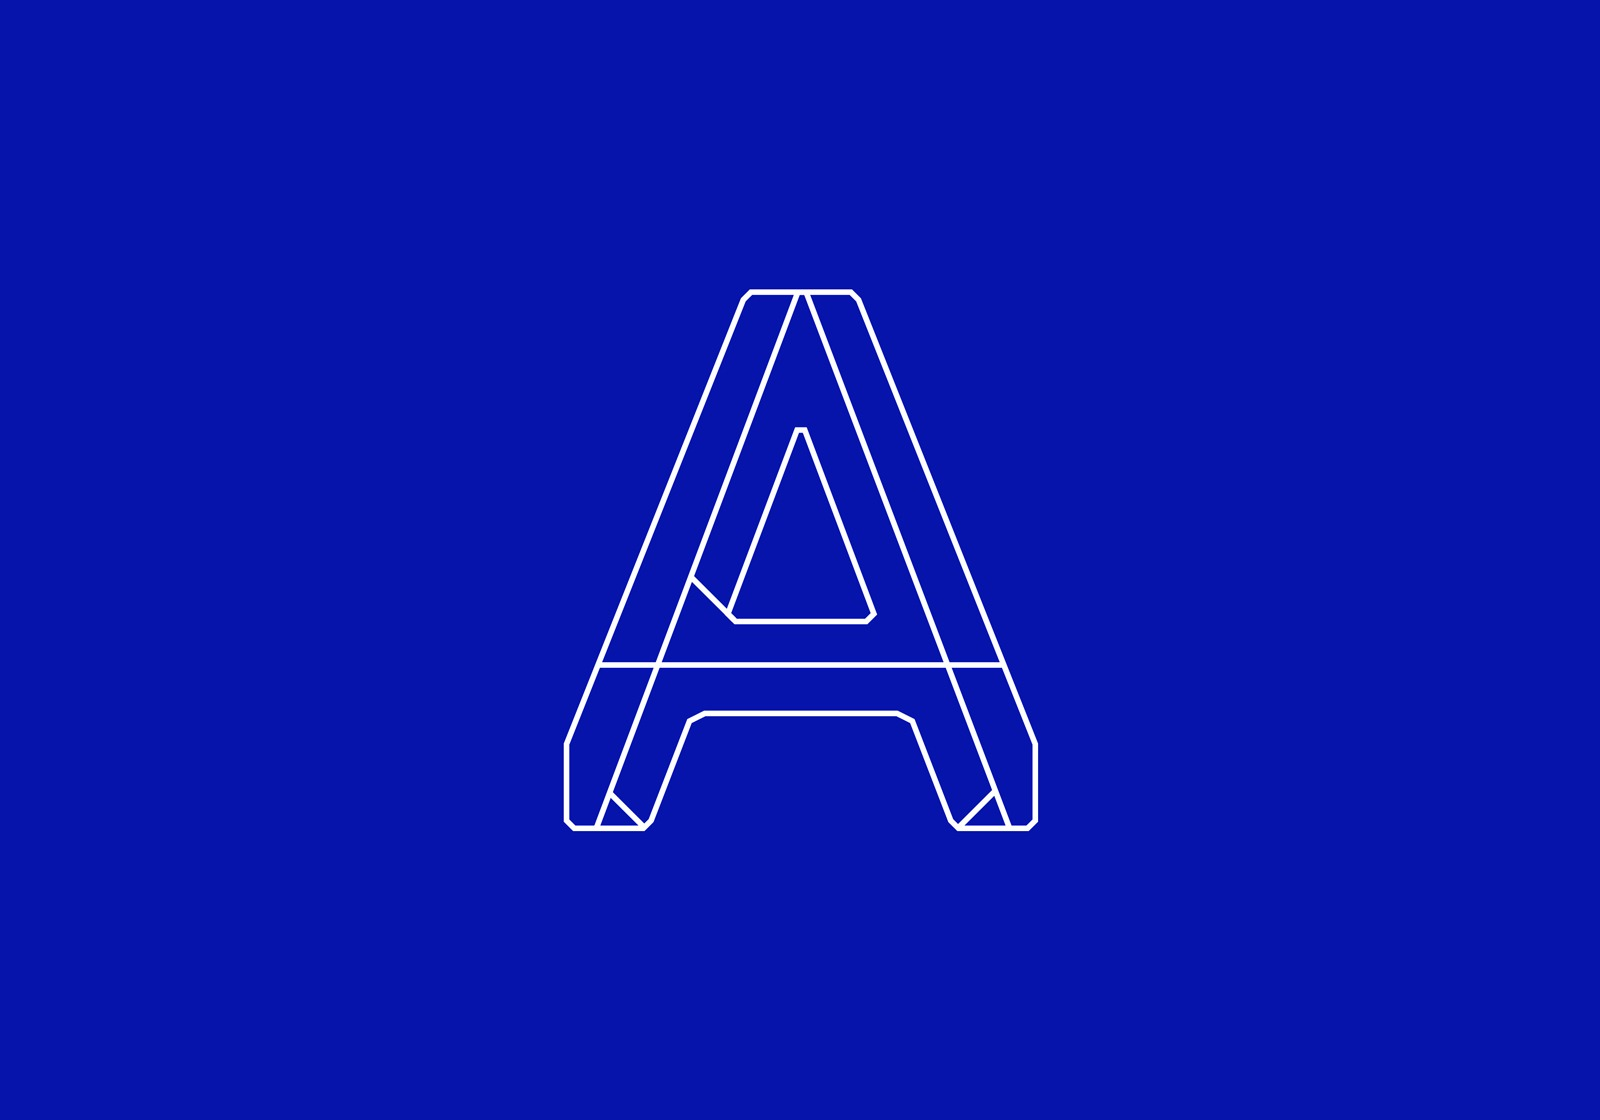 A-Mark-3